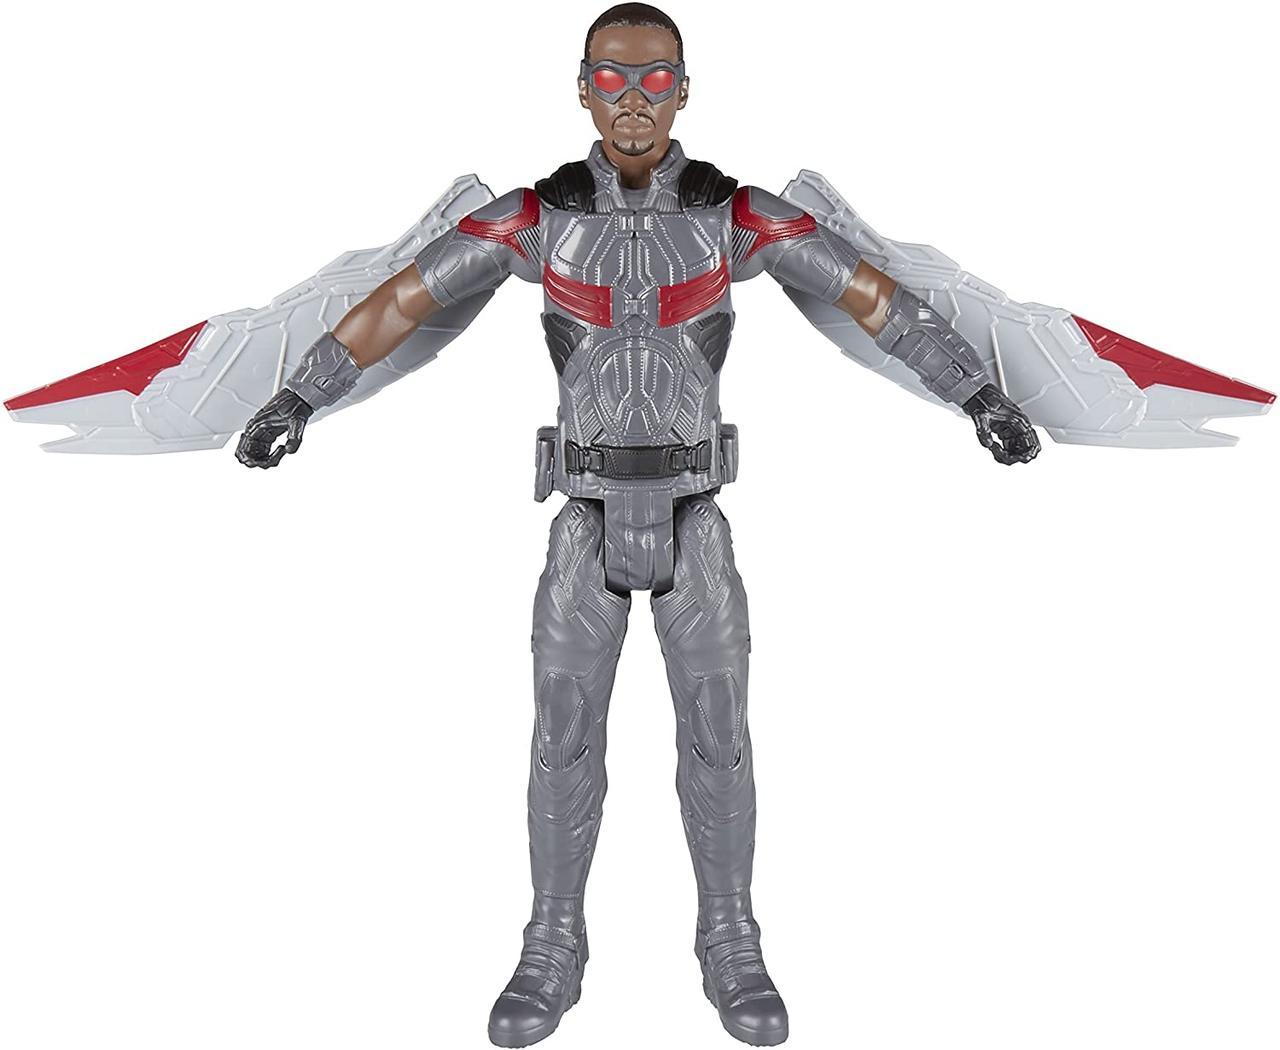 Игрушка-фигурка Hasbro, Сокол, Марвел, 30 см - Falcon, Marvel, Titan Hero Series